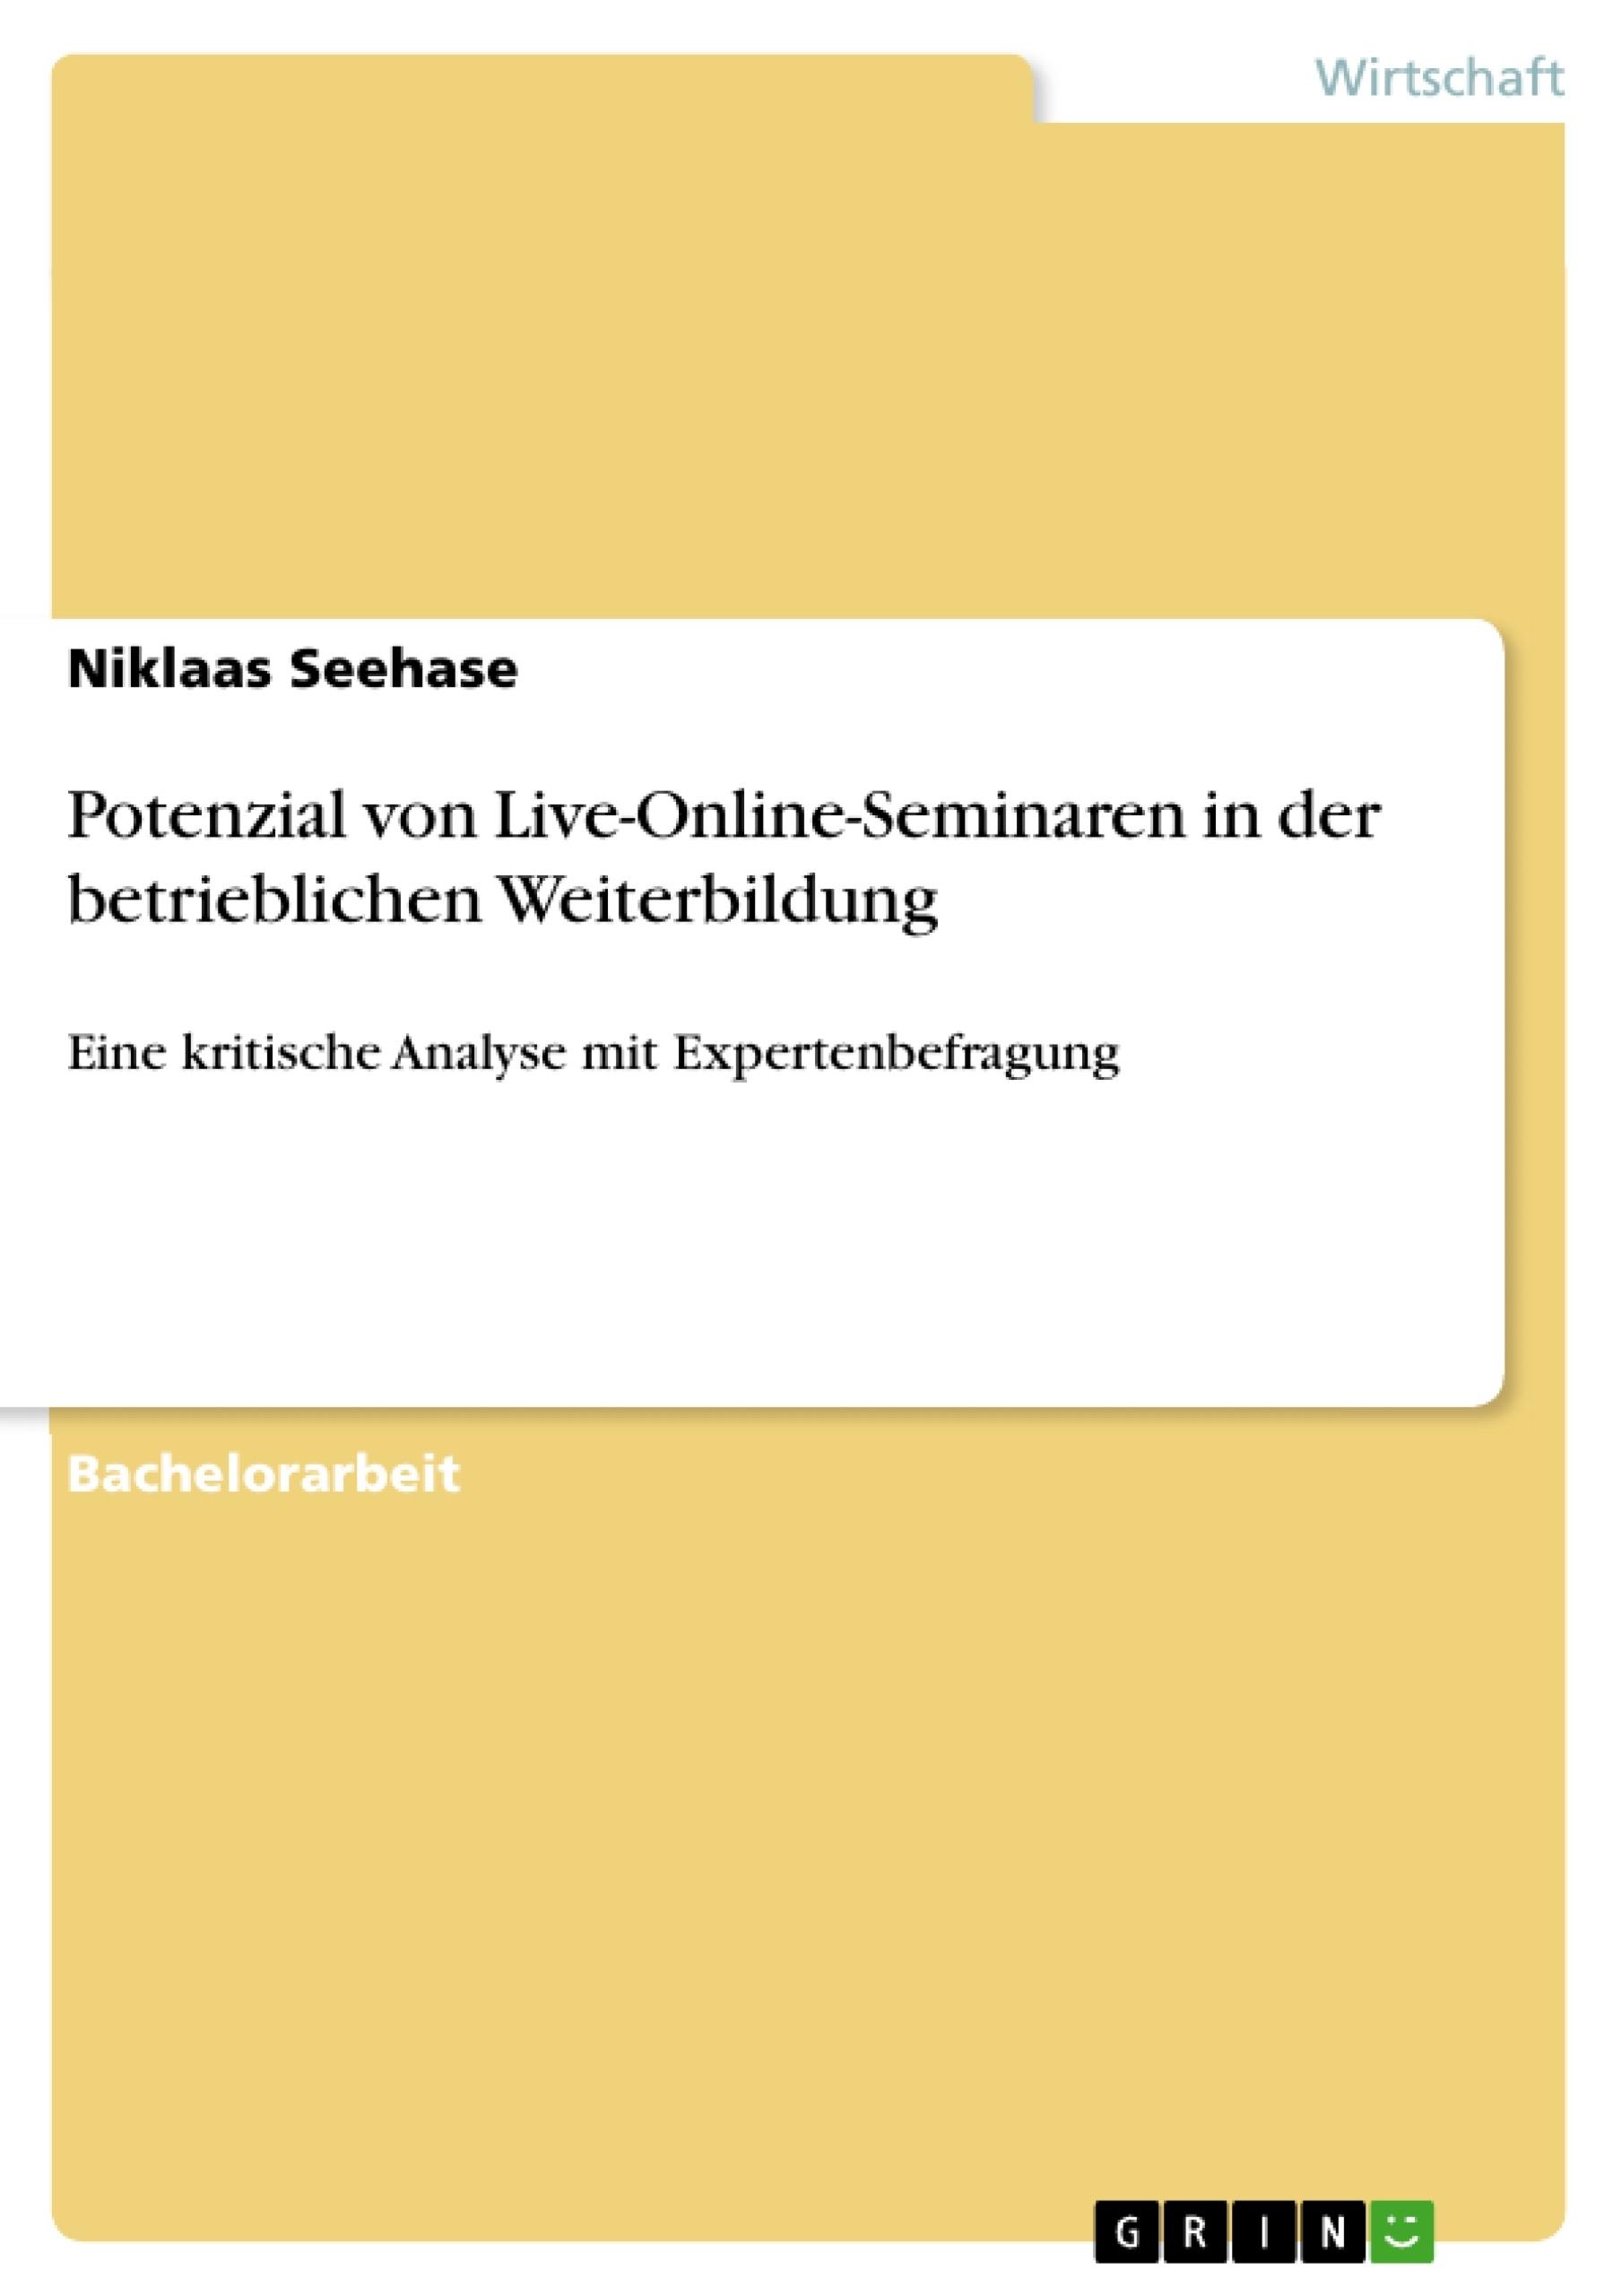 Titel: Potenzial von Live-Online-Seminaren in der betrieblichen Weiterbildung